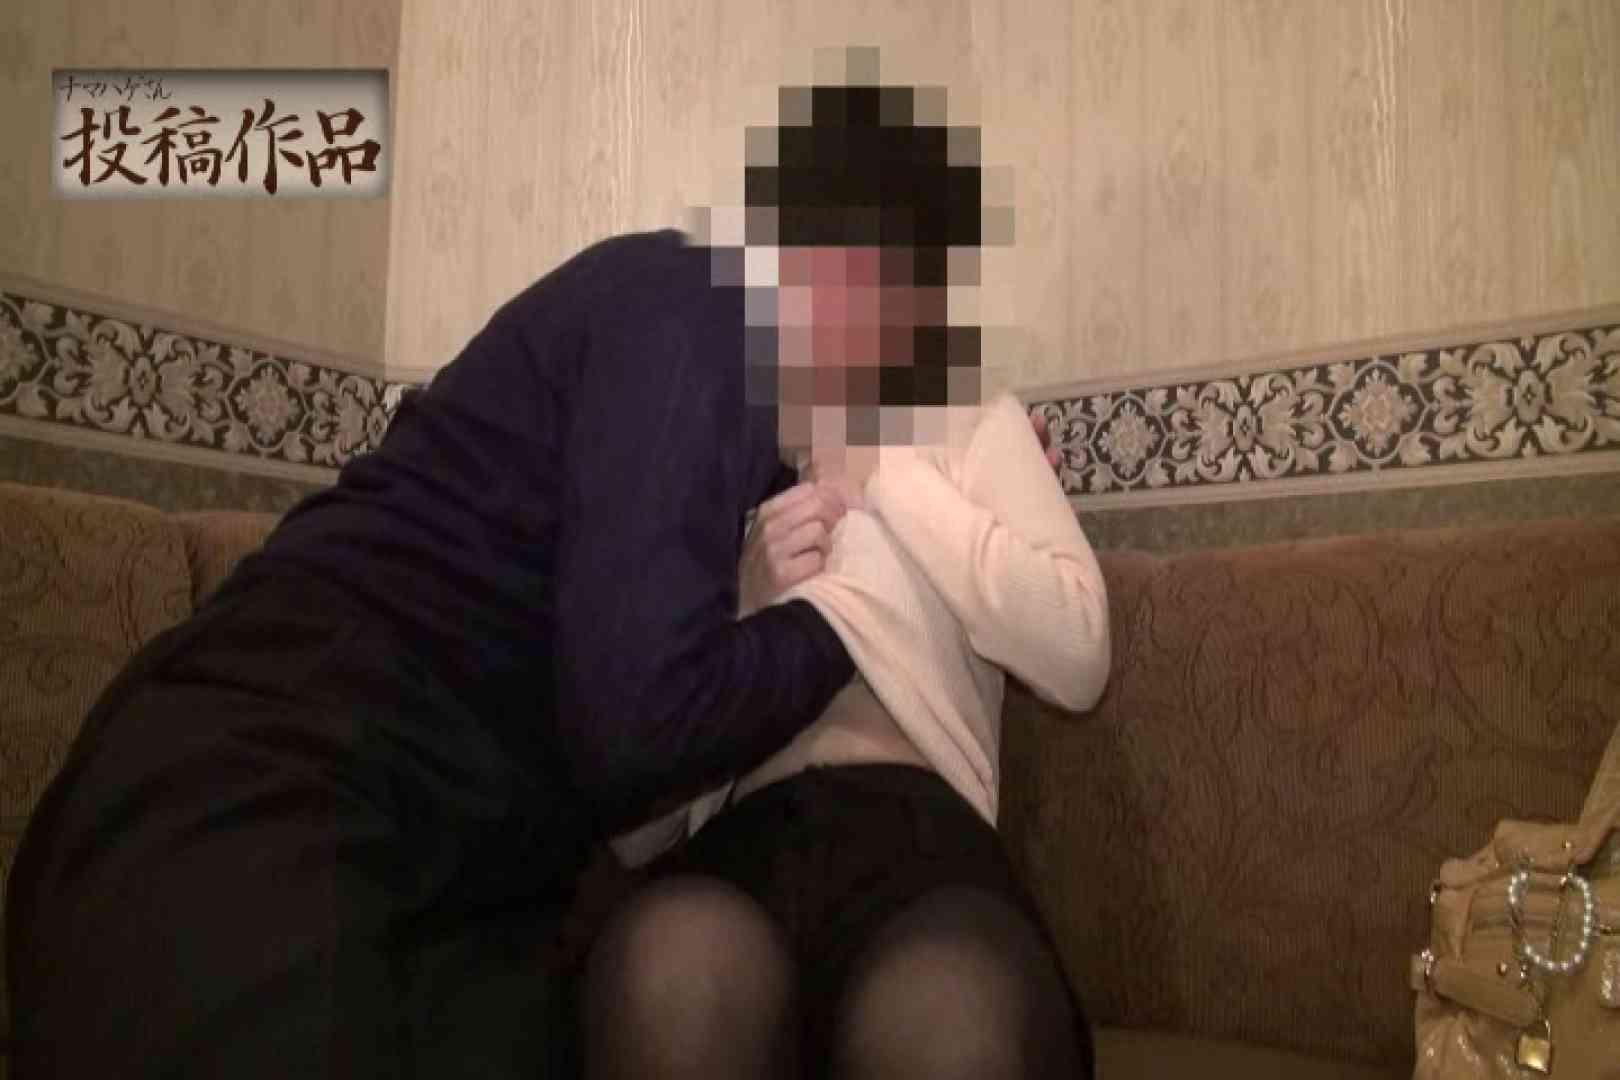 ナマハゲさんのまんこコレクション第二章 reiko 盗撮 盗撮動画紹介 62pic 7